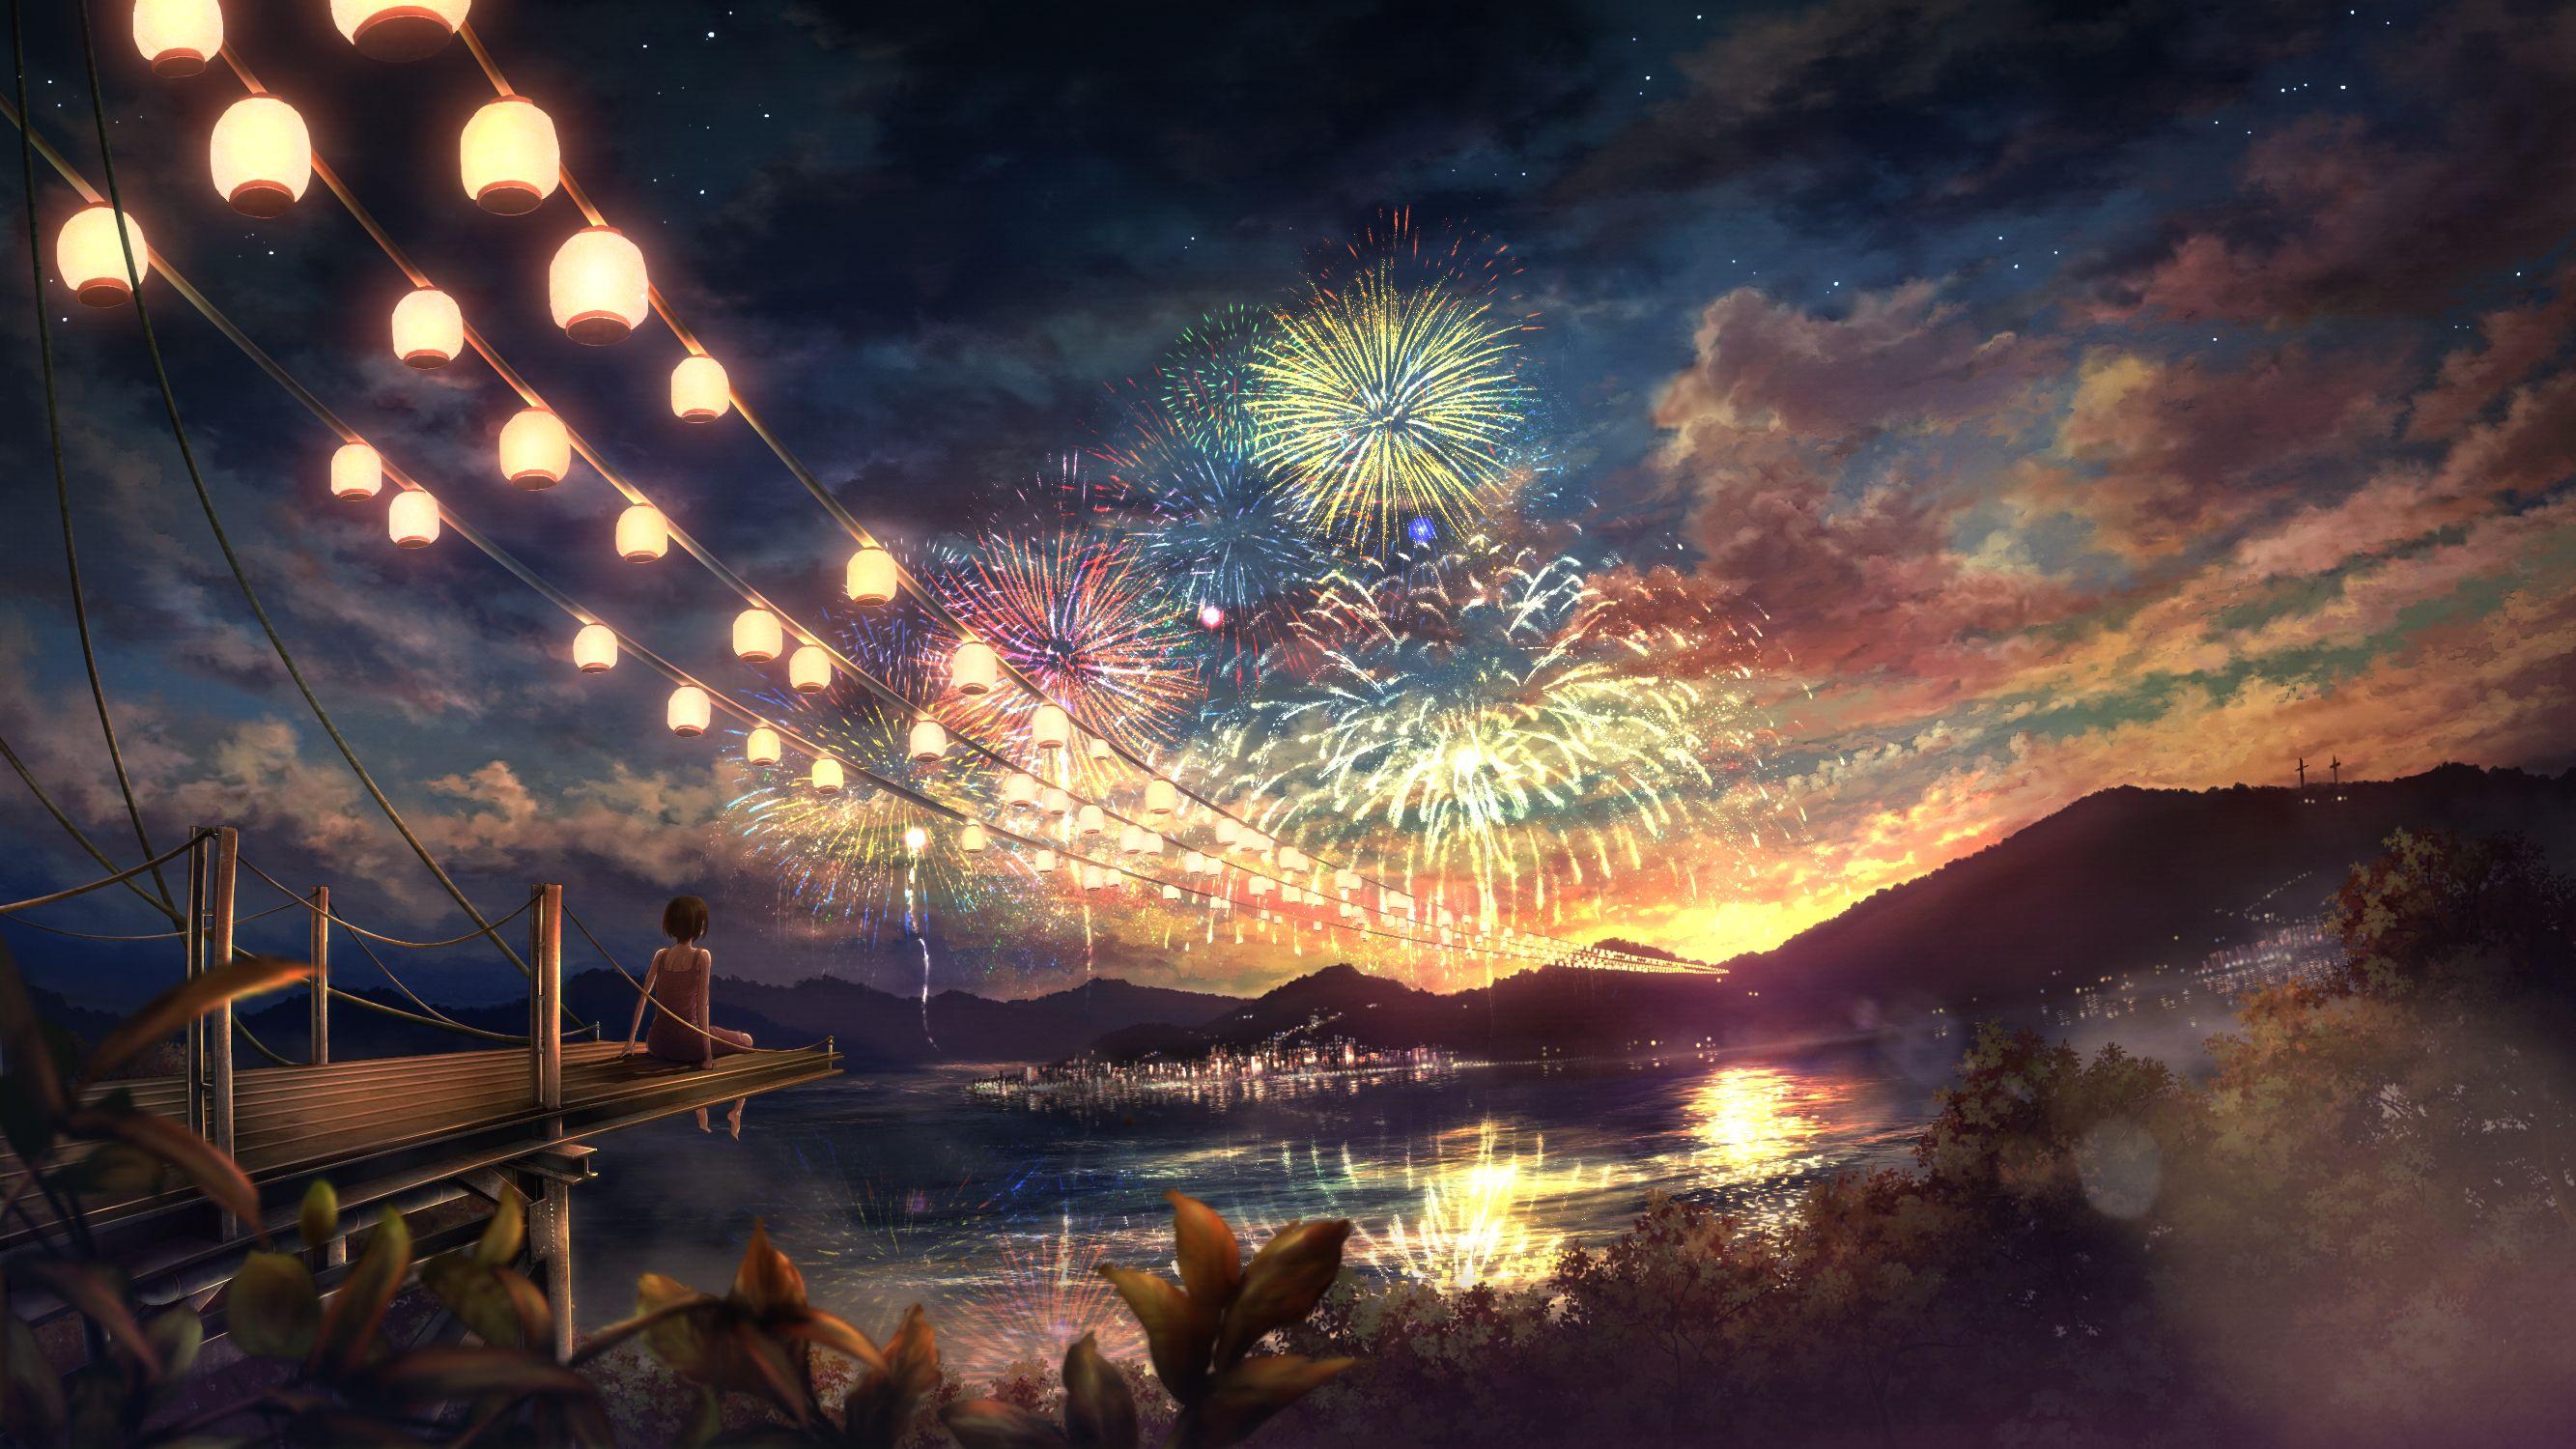 Anime Original Festival Wallpaper Firework Painting Anime